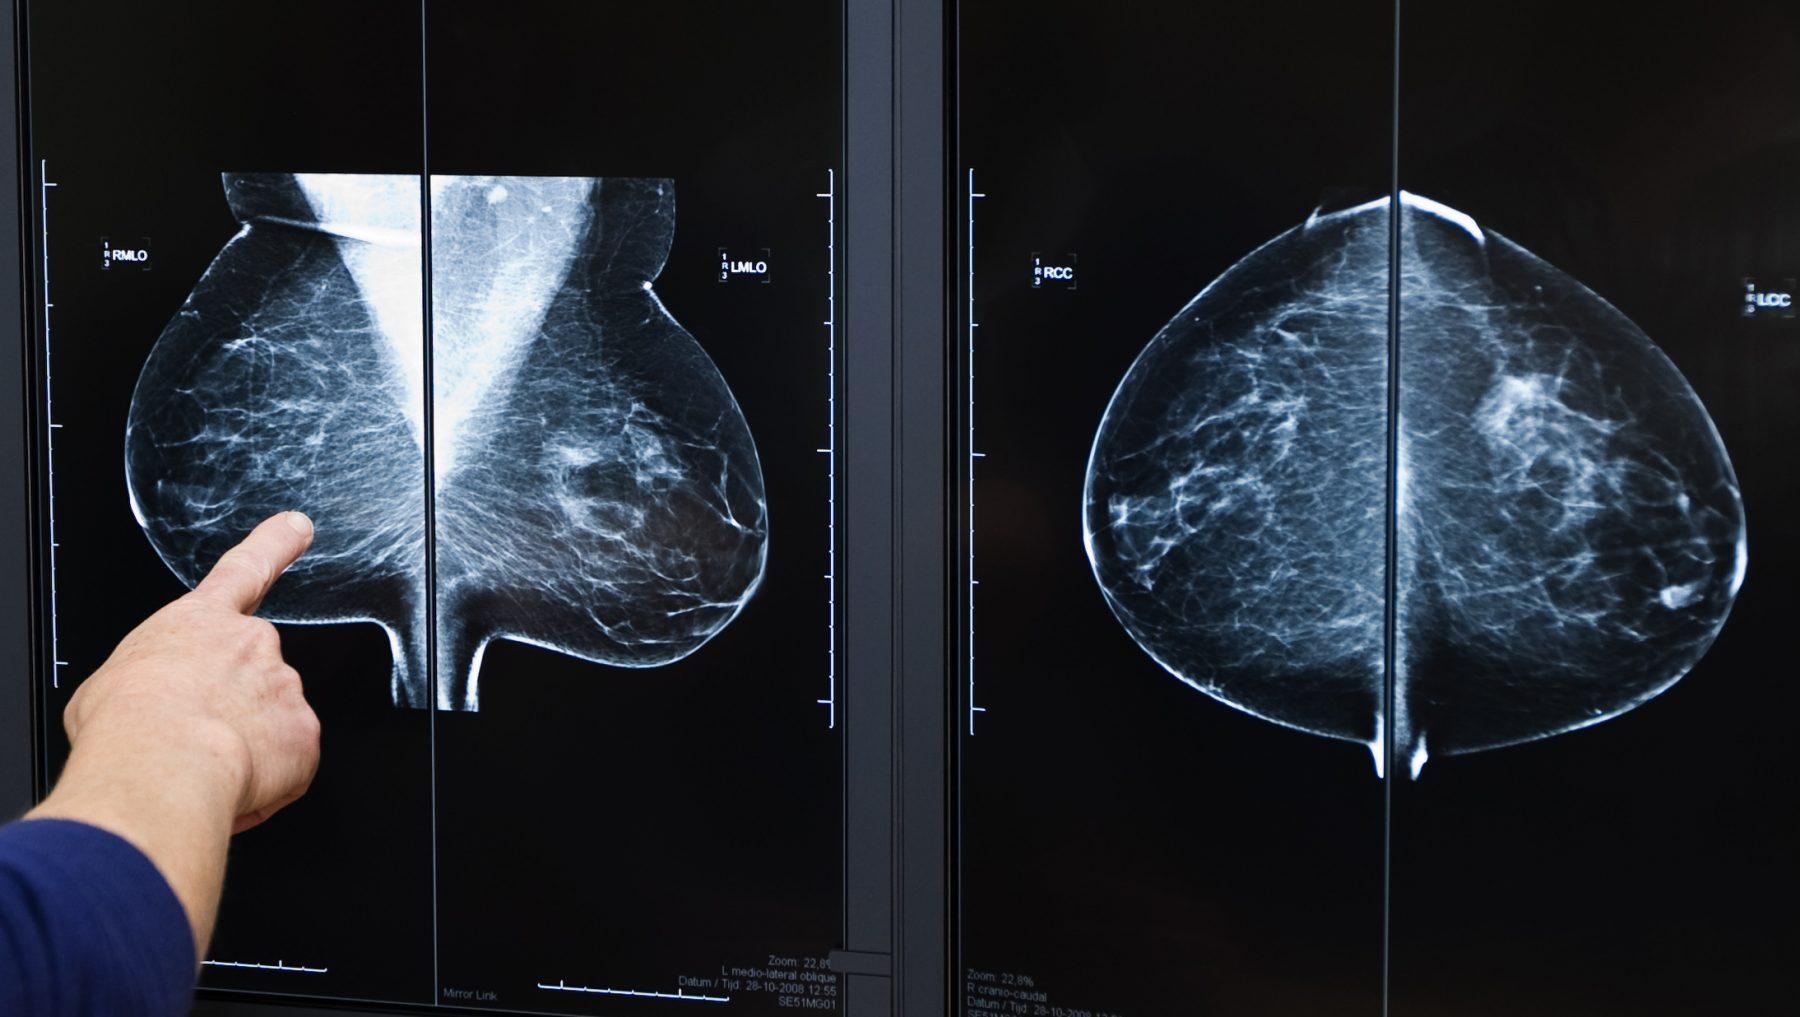 borstkanker-borstkankerscreening-borstkankeronderzoek-personeelstekort